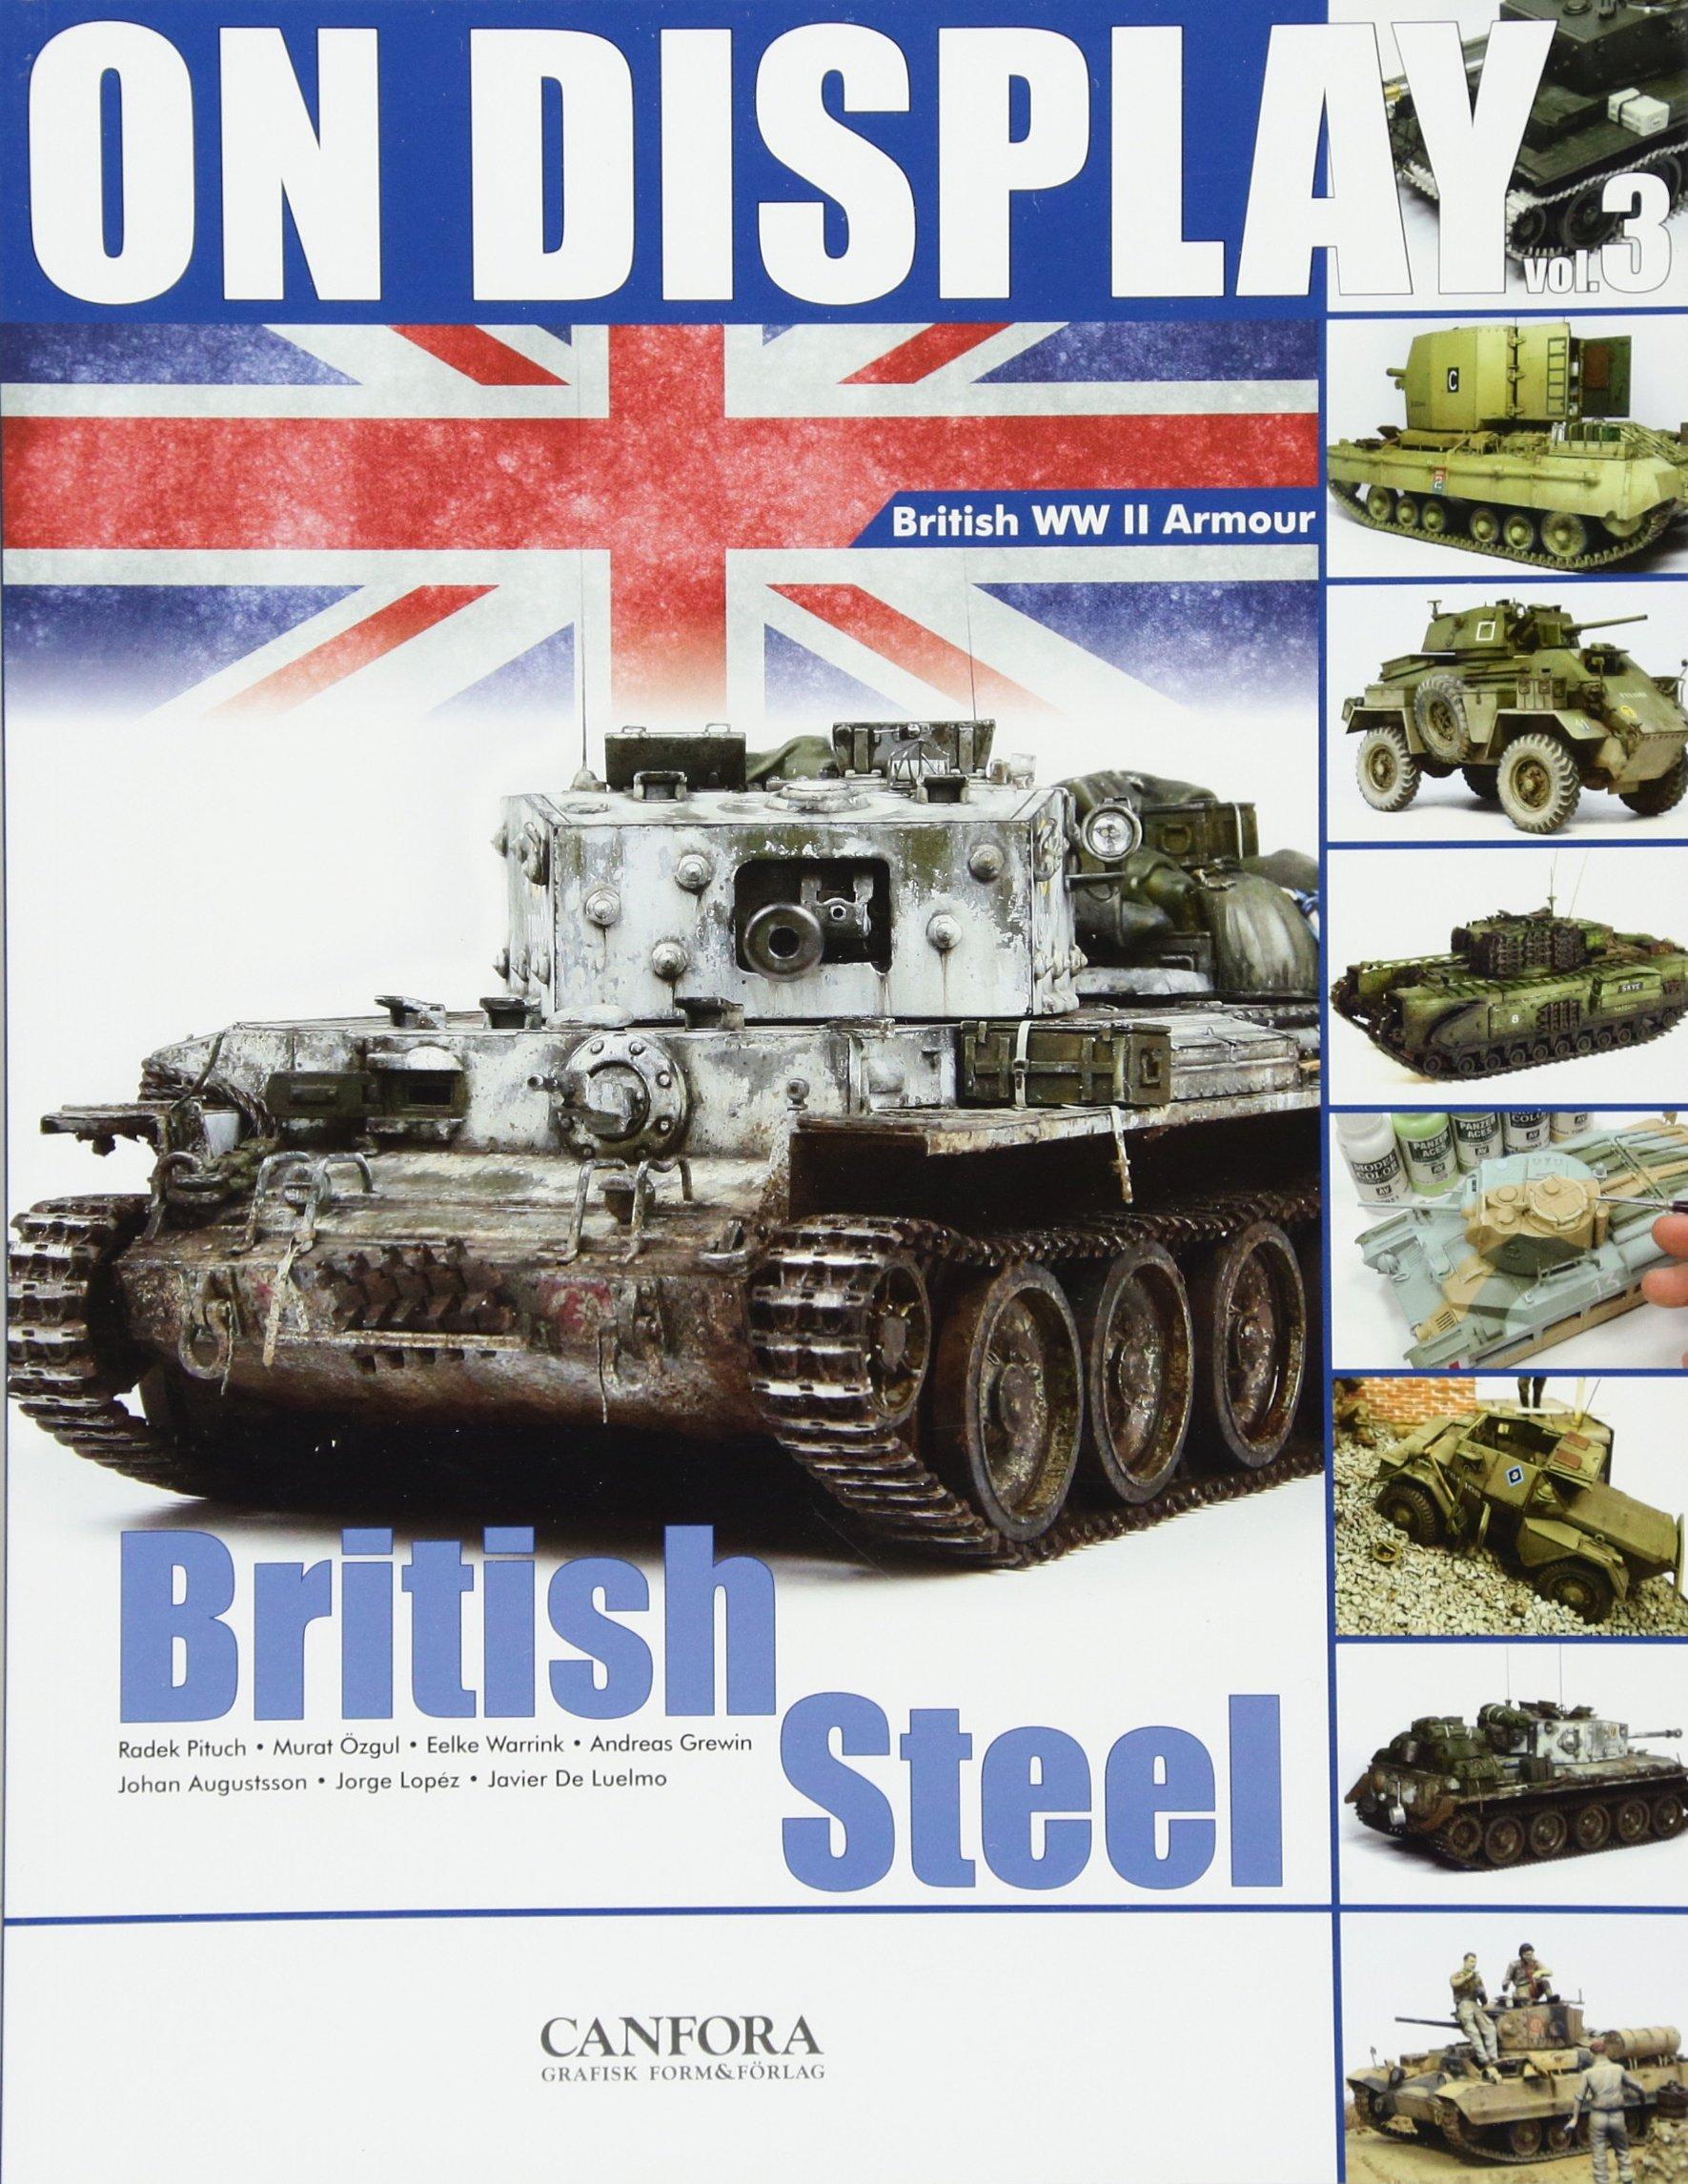 On Display: Volume 3: British Steel